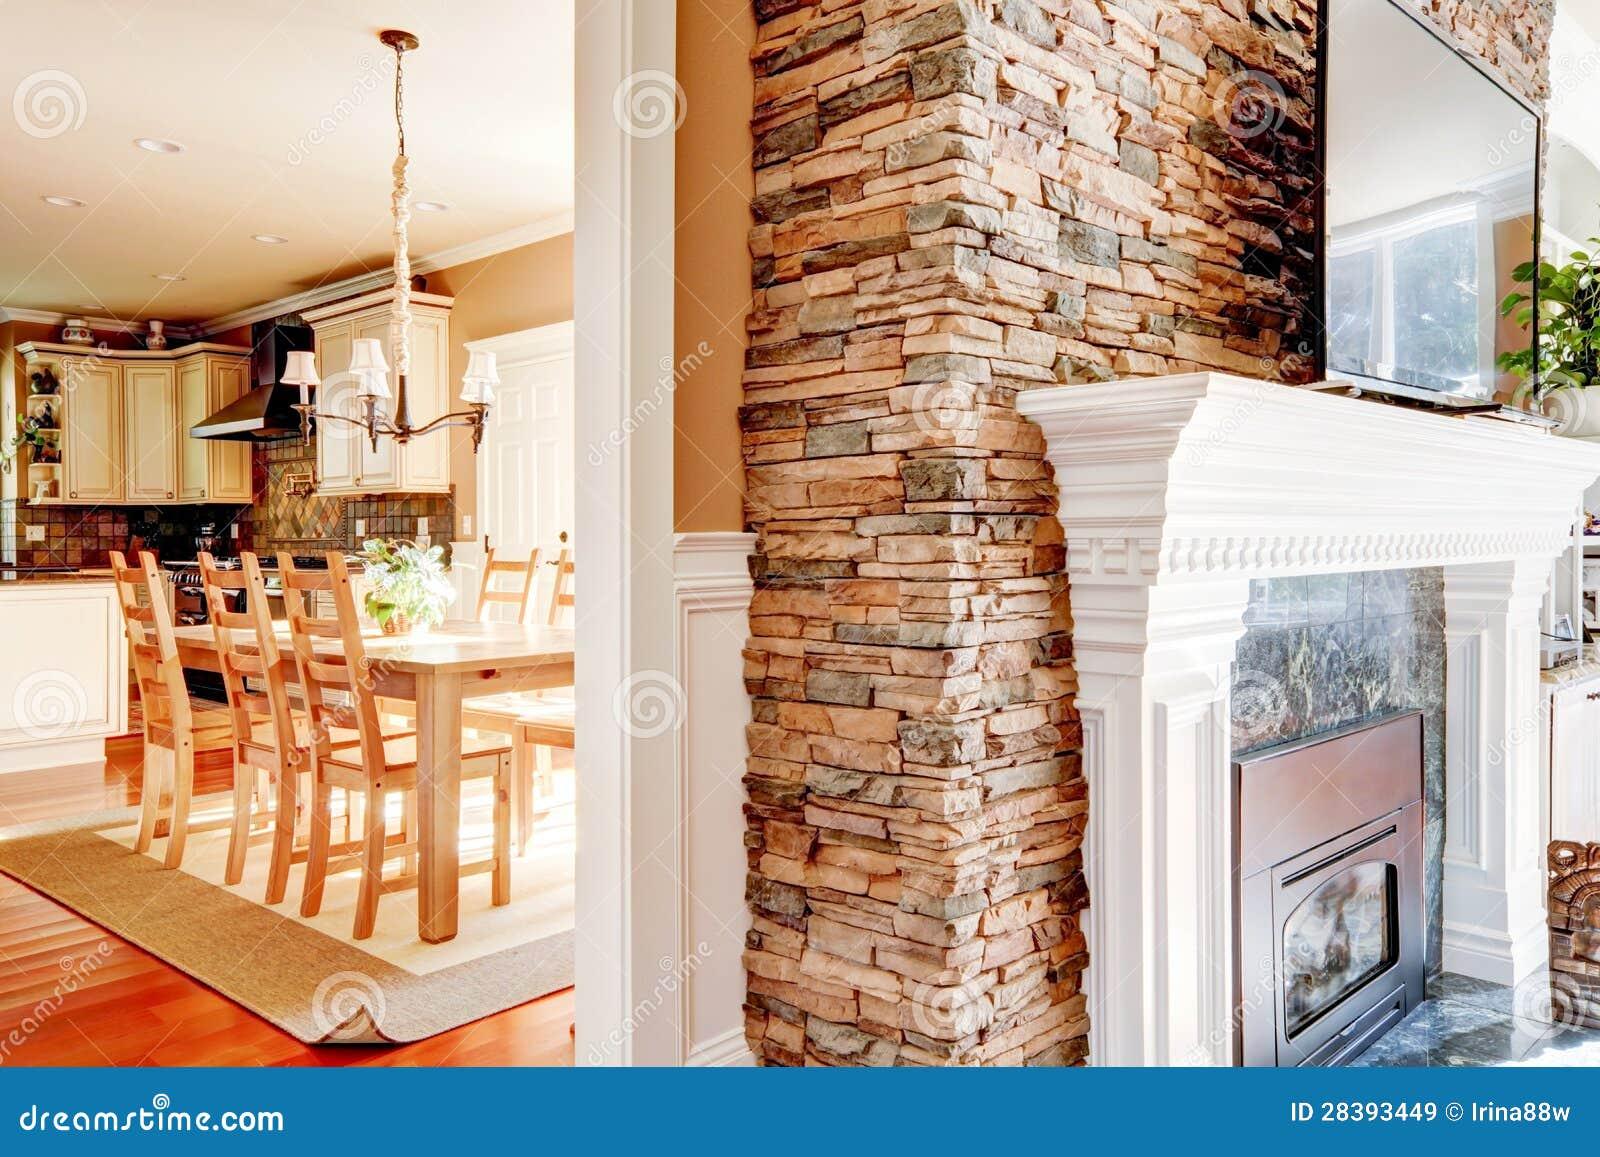 Camino di pietra con la tv e sala da pranzo e cucina - Cucina con sala da pranzo ...